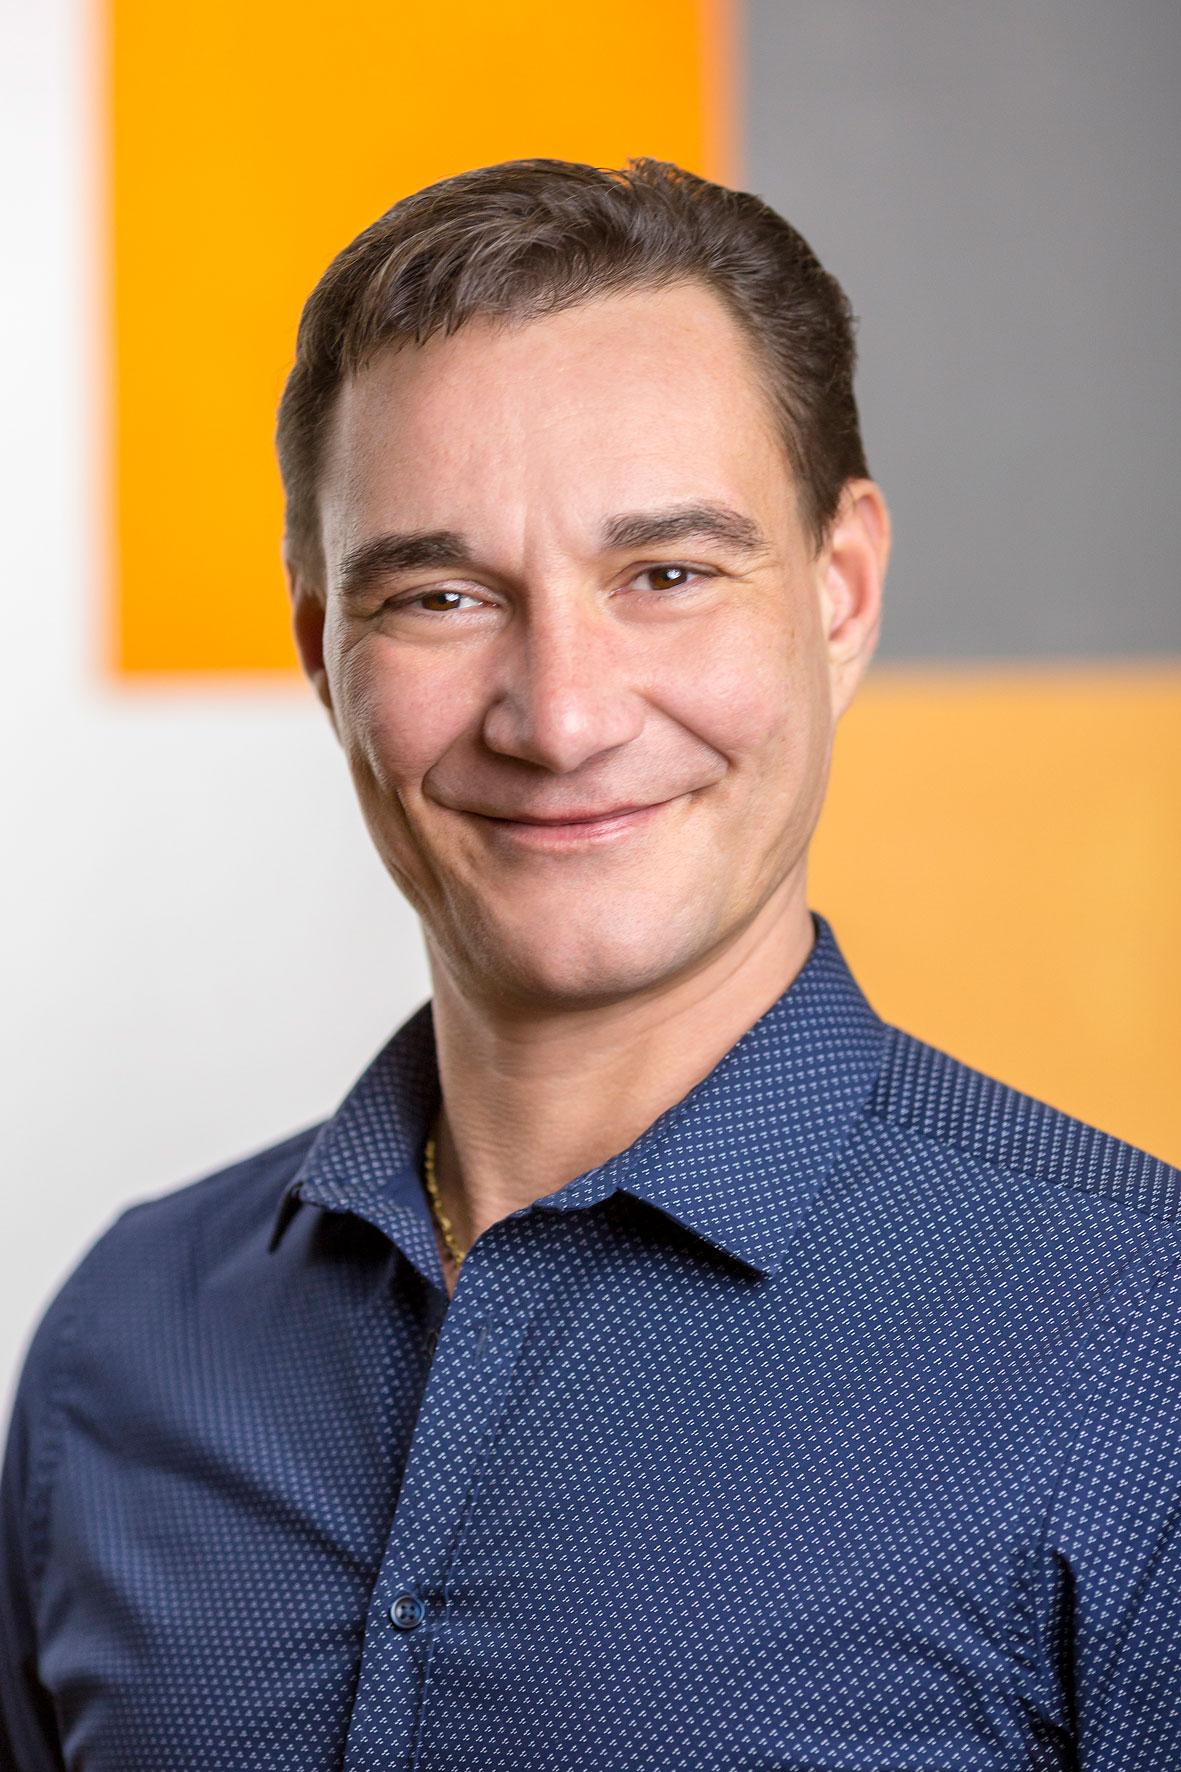 Stefan Tepel